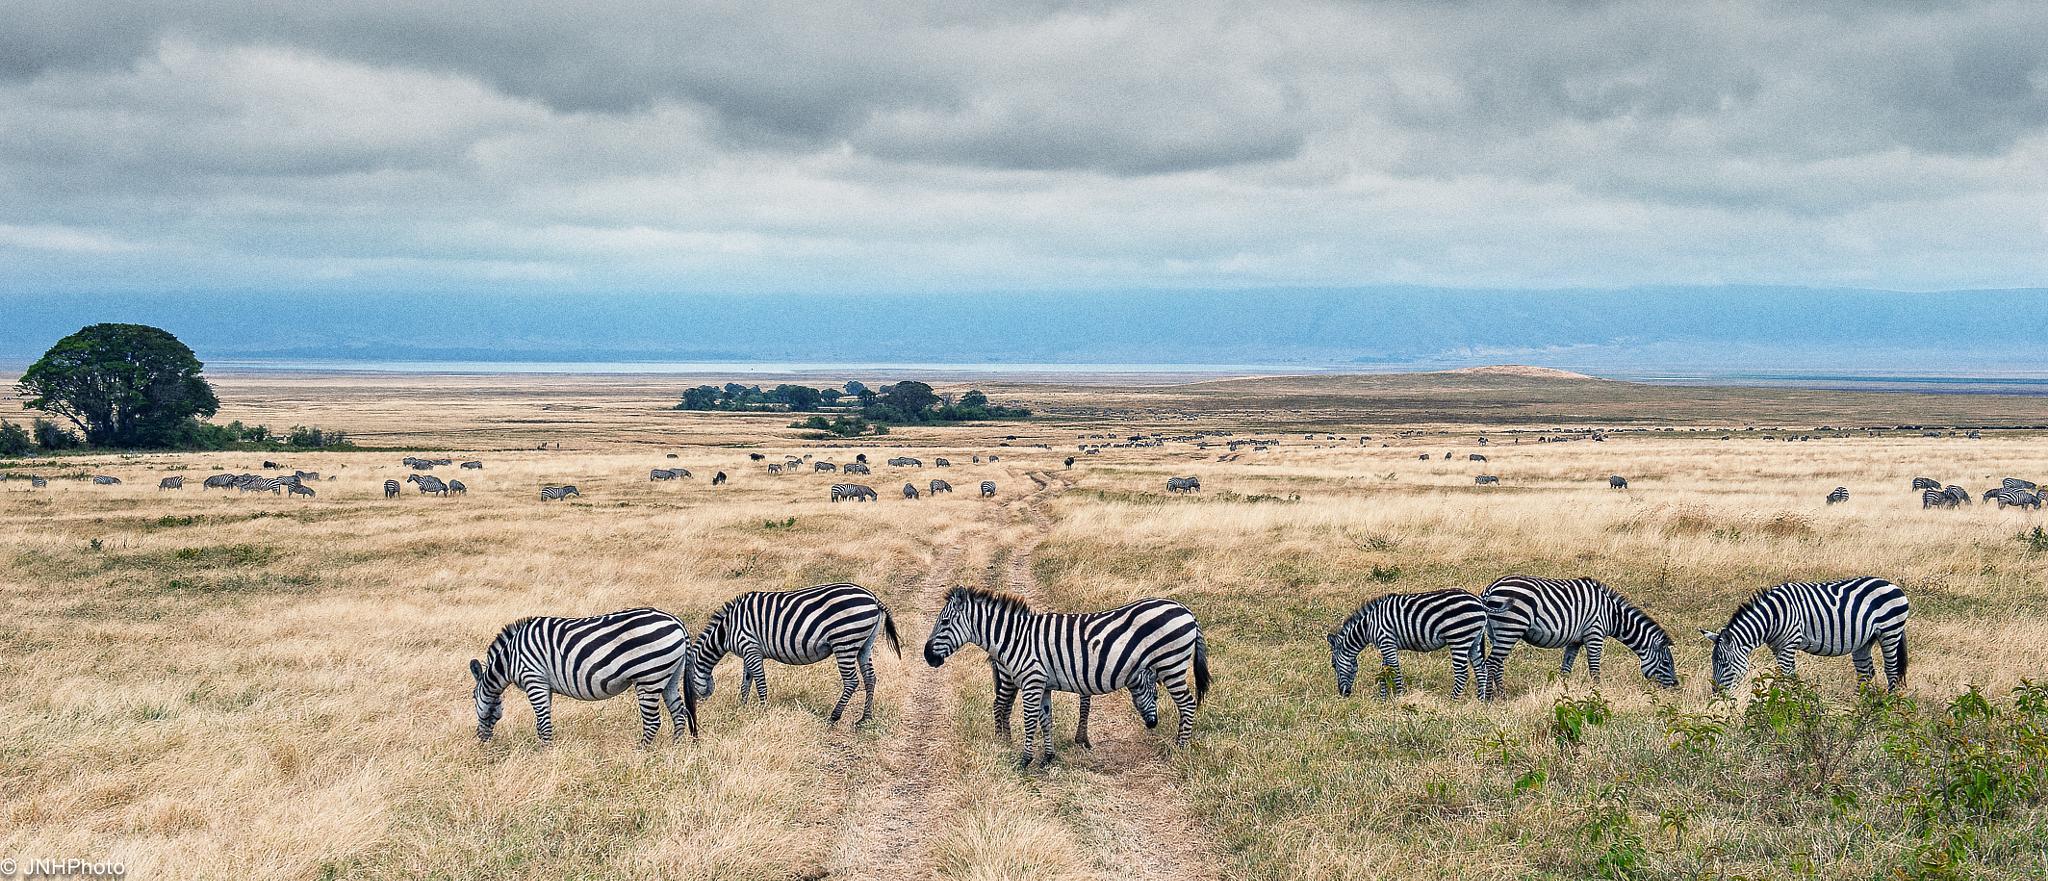 Ngorongoro Creator by jnhphoto